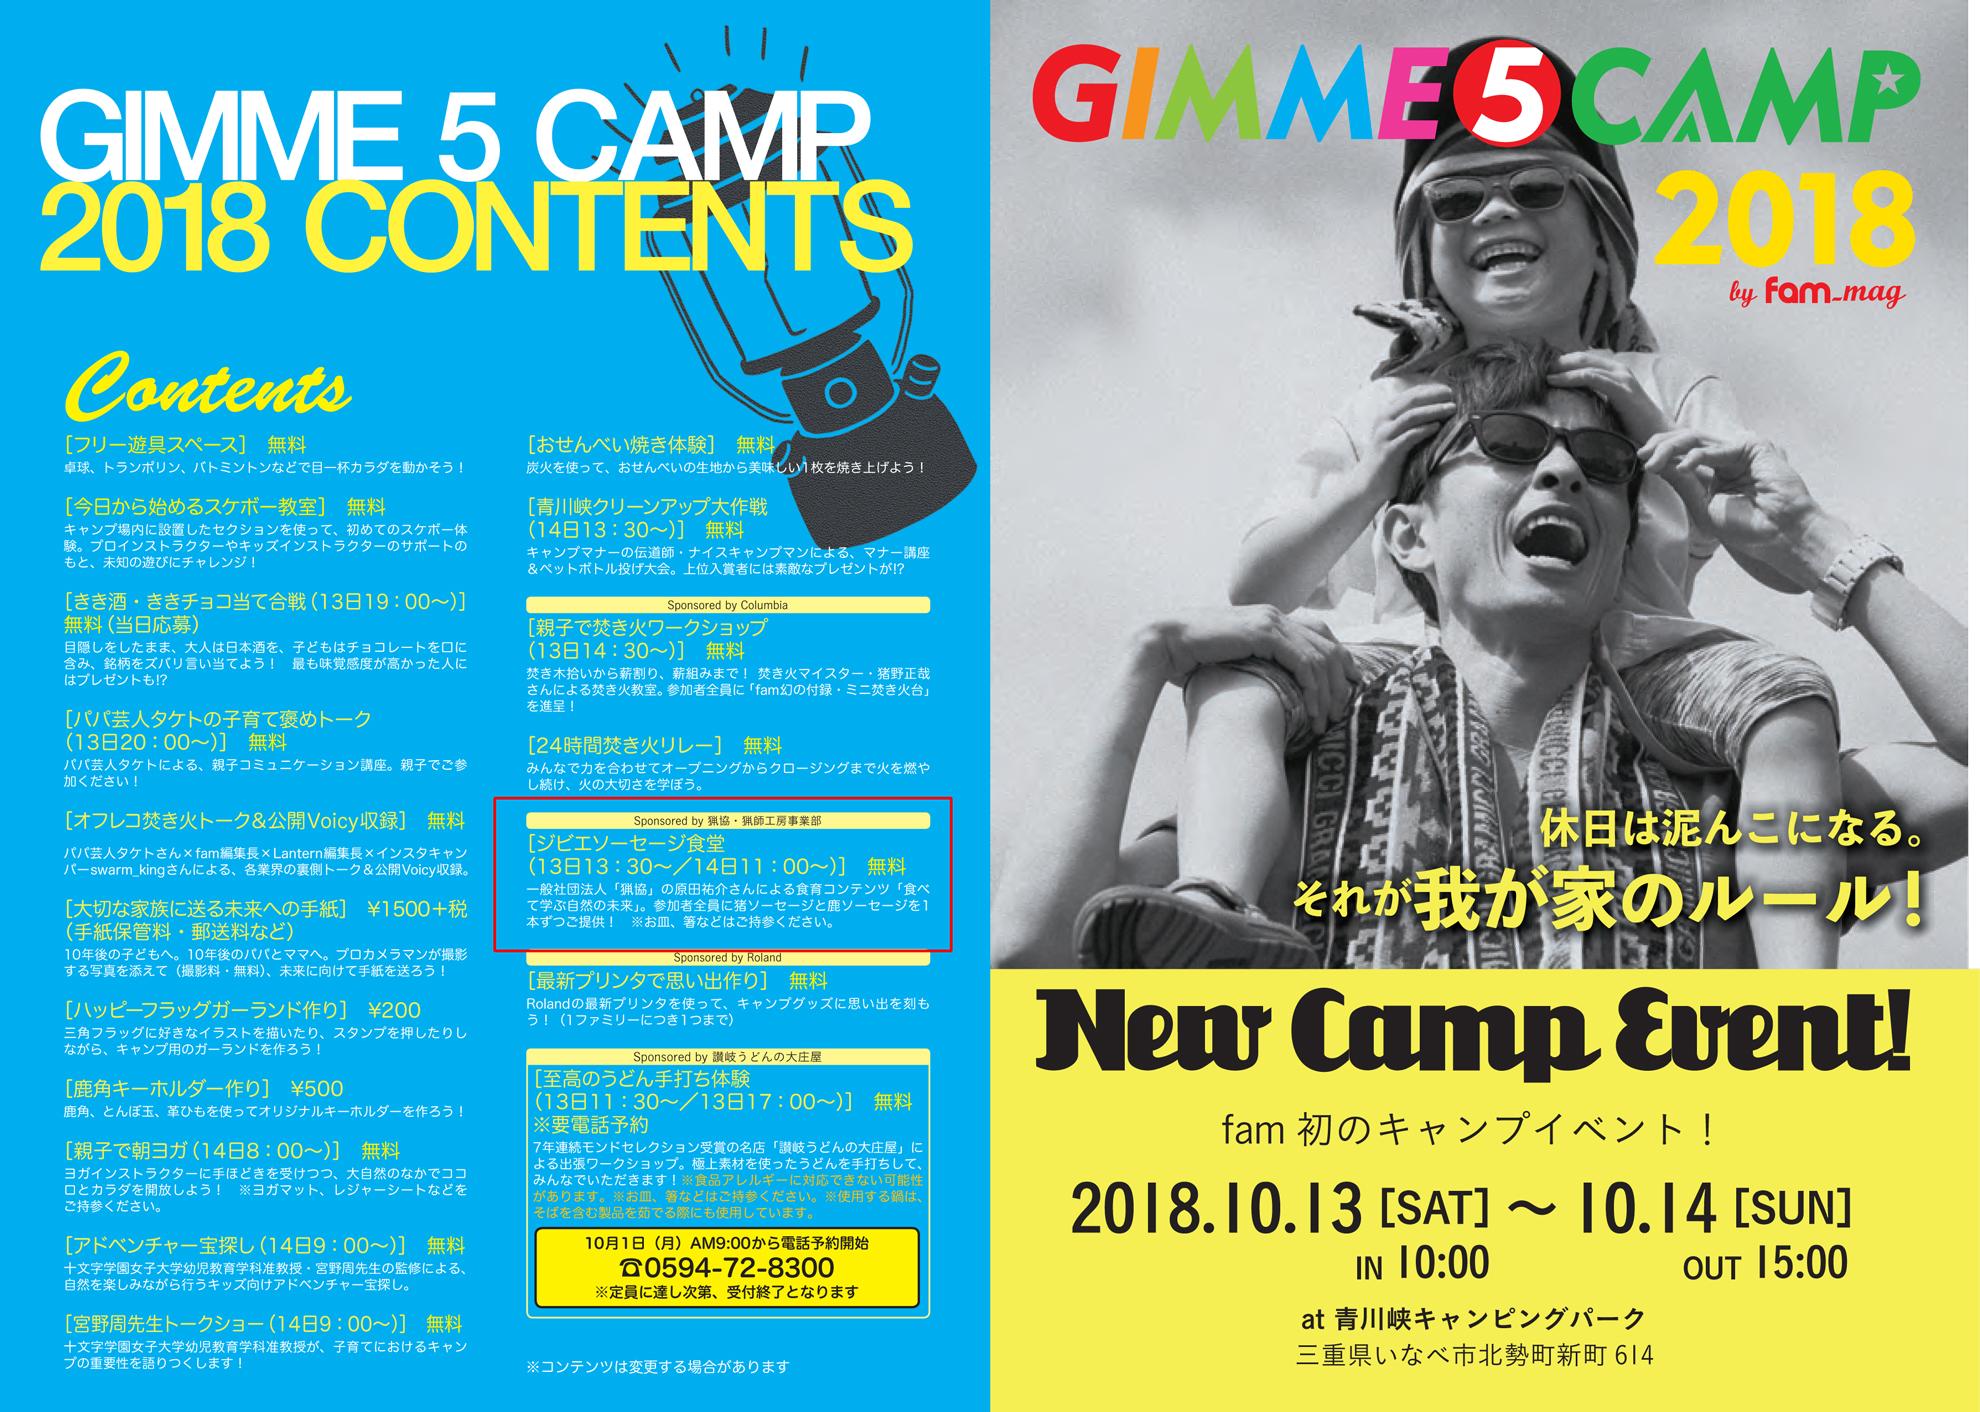 キャンプイベント「GIMME 5 CAMP」に参加します